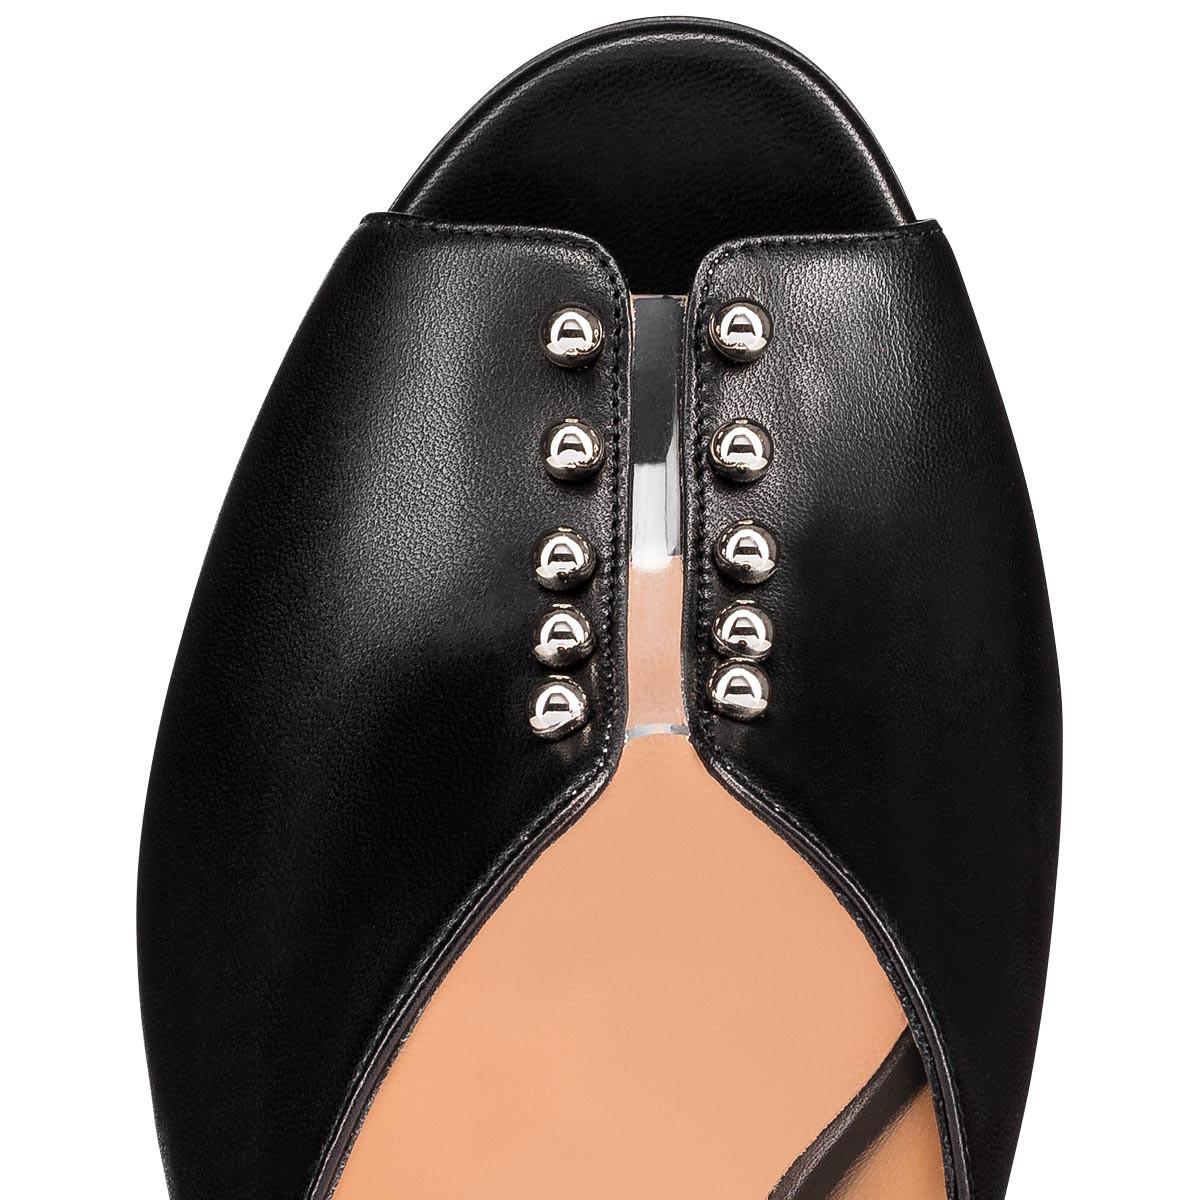 鞋履 - Predumule 085 Nappa - Christian Louboutin